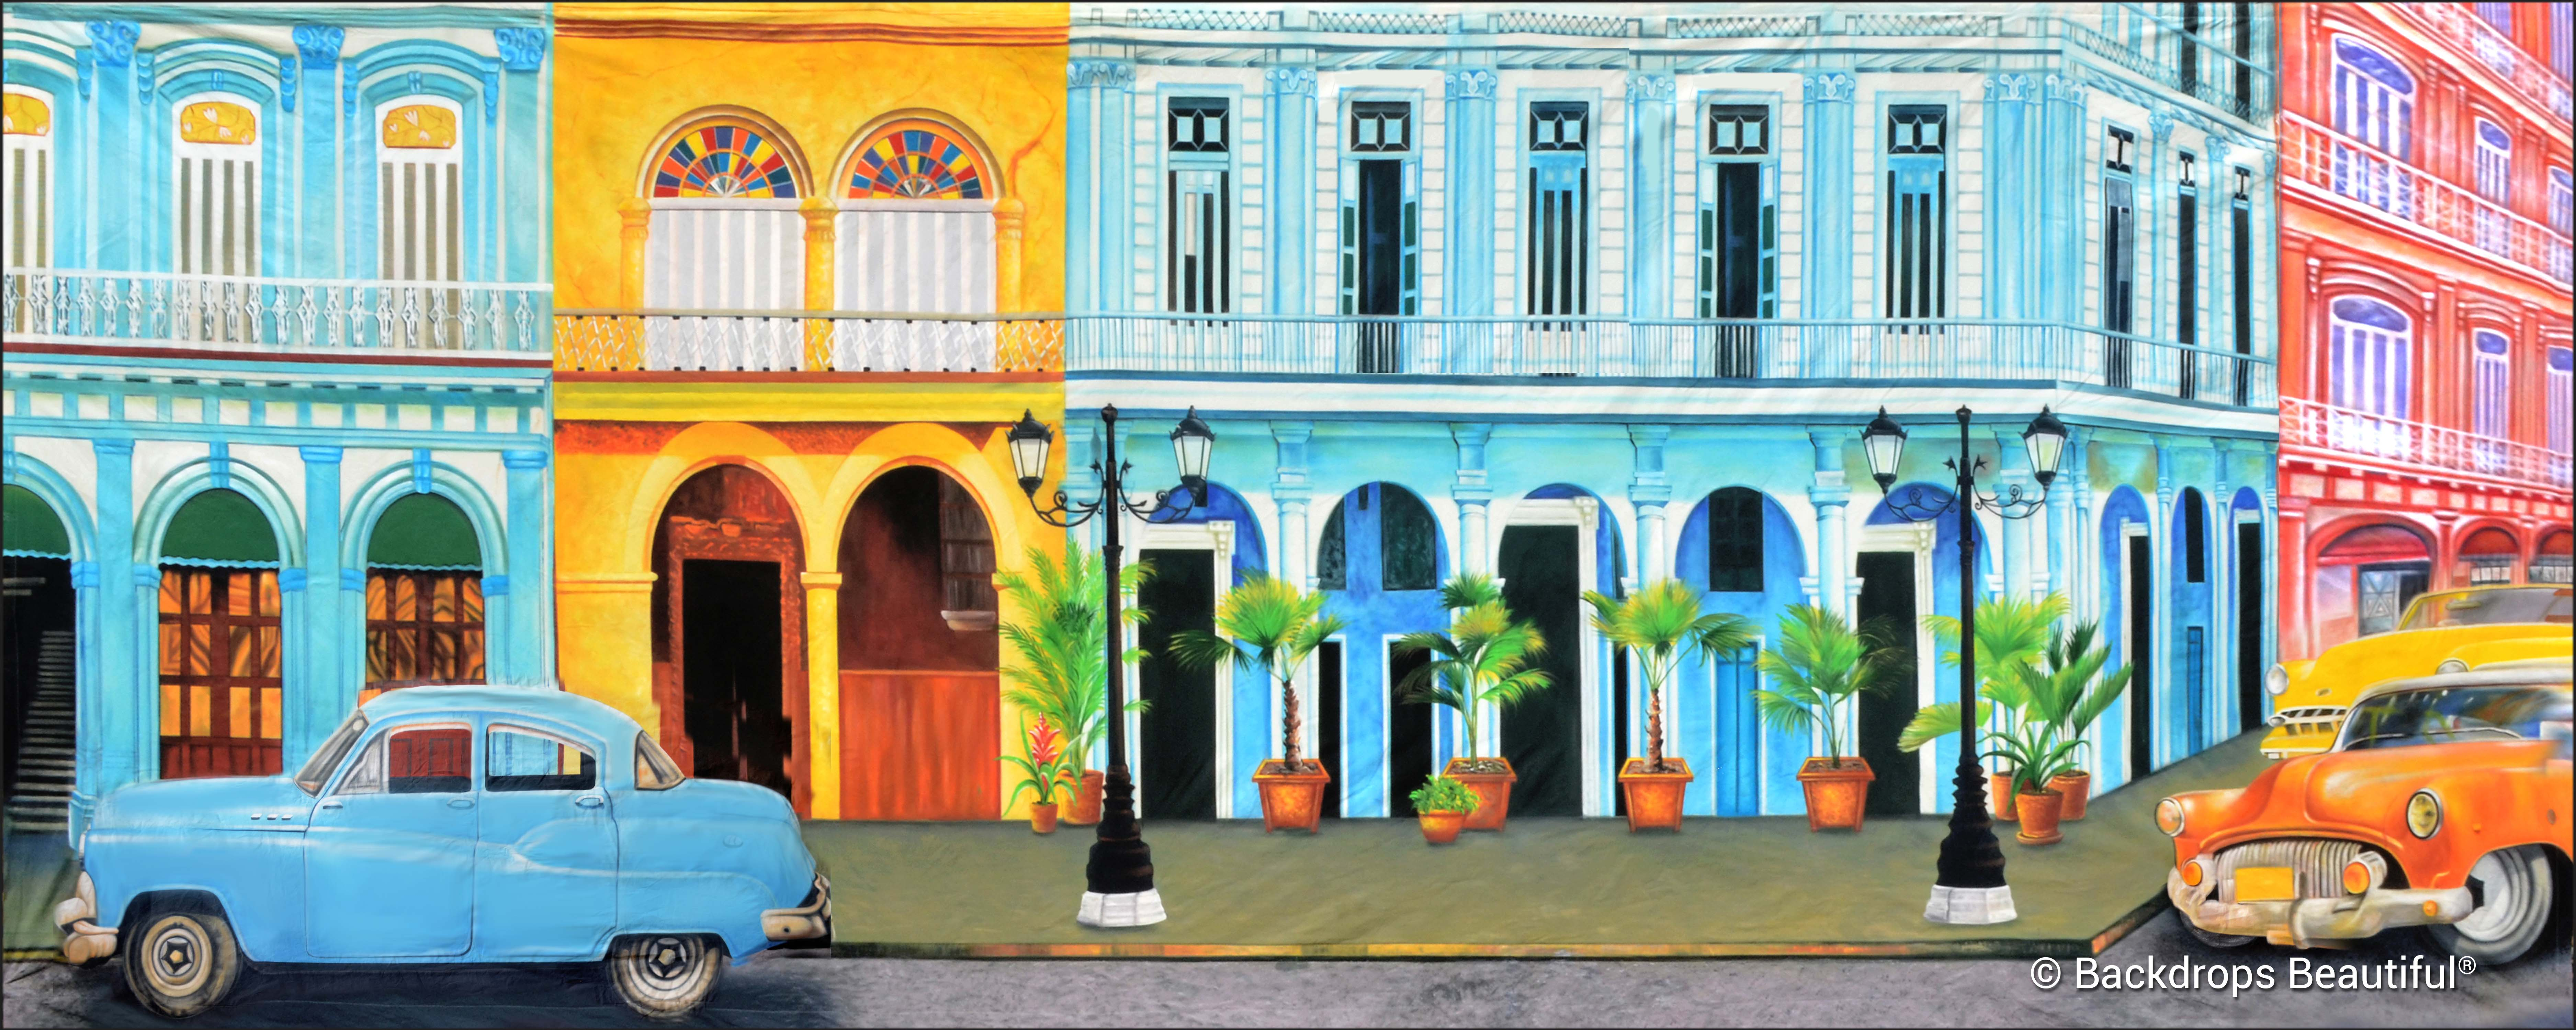 Havana Event Design - Havana Streets